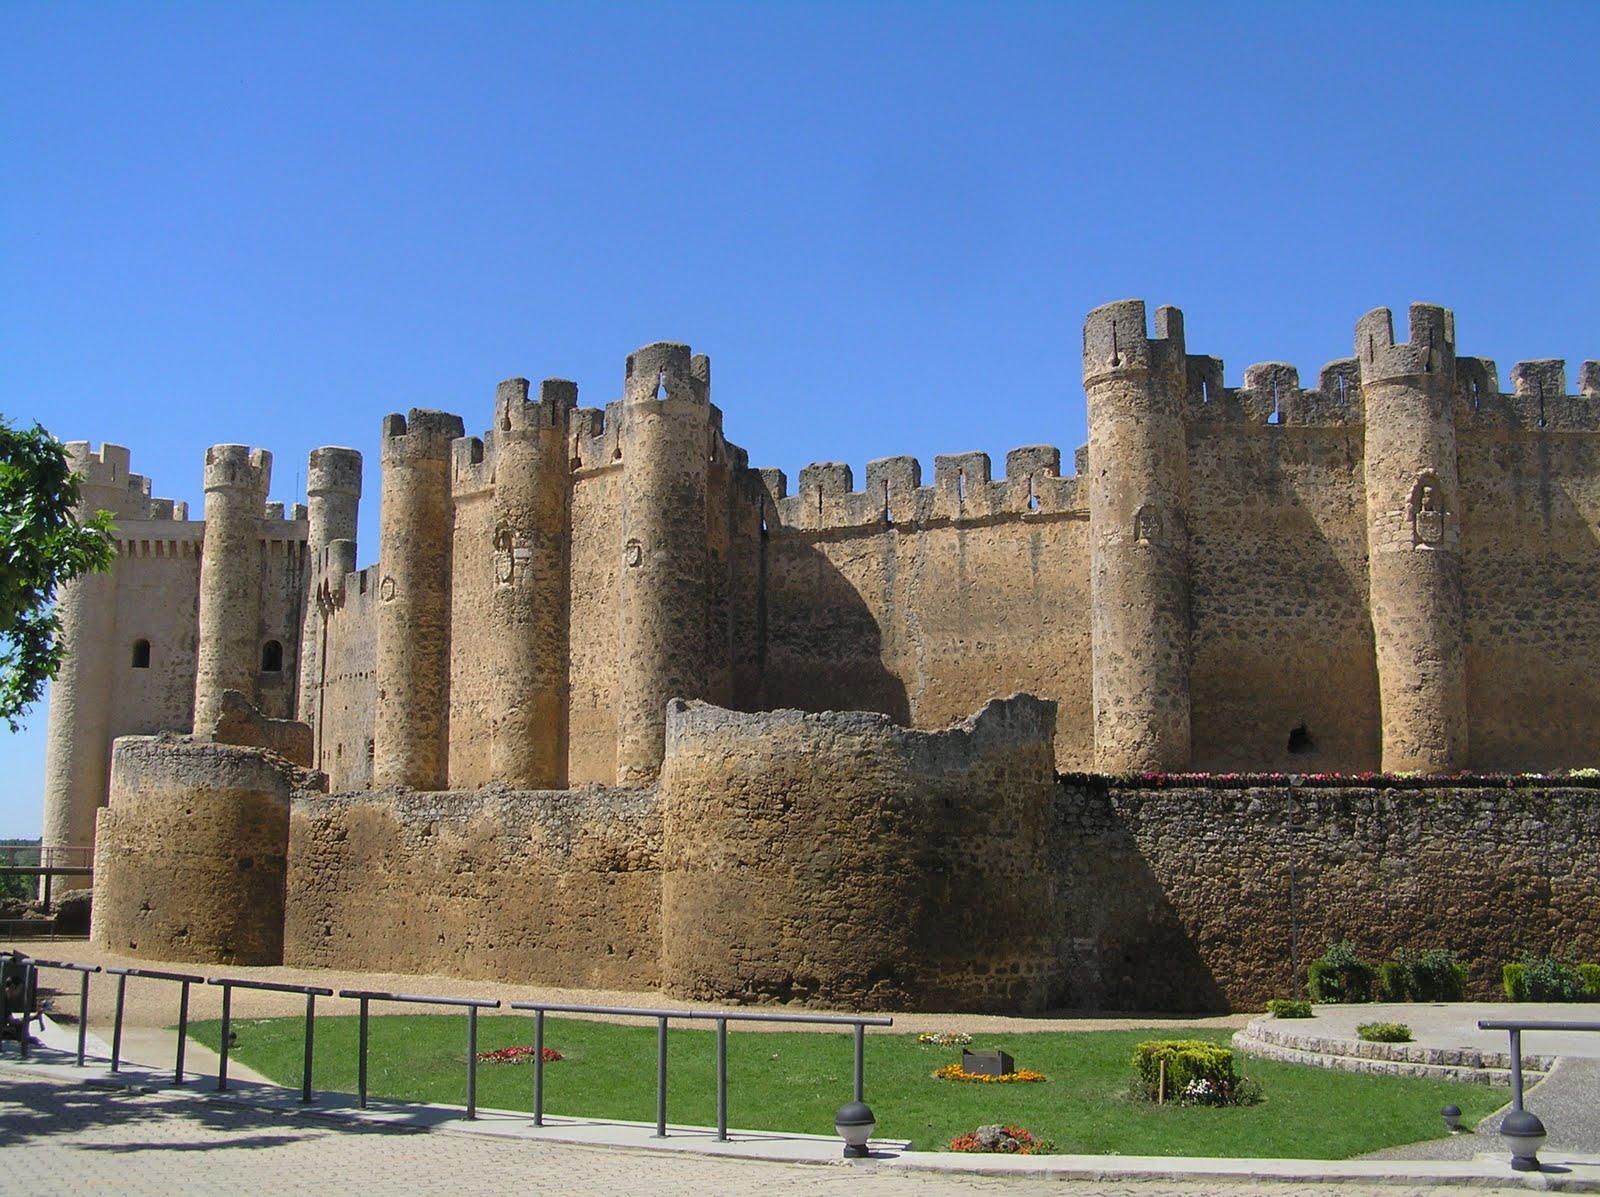 Zamoraprotohistorica castillo de valencia de don juan le n for Piscinas leon valencia don juan